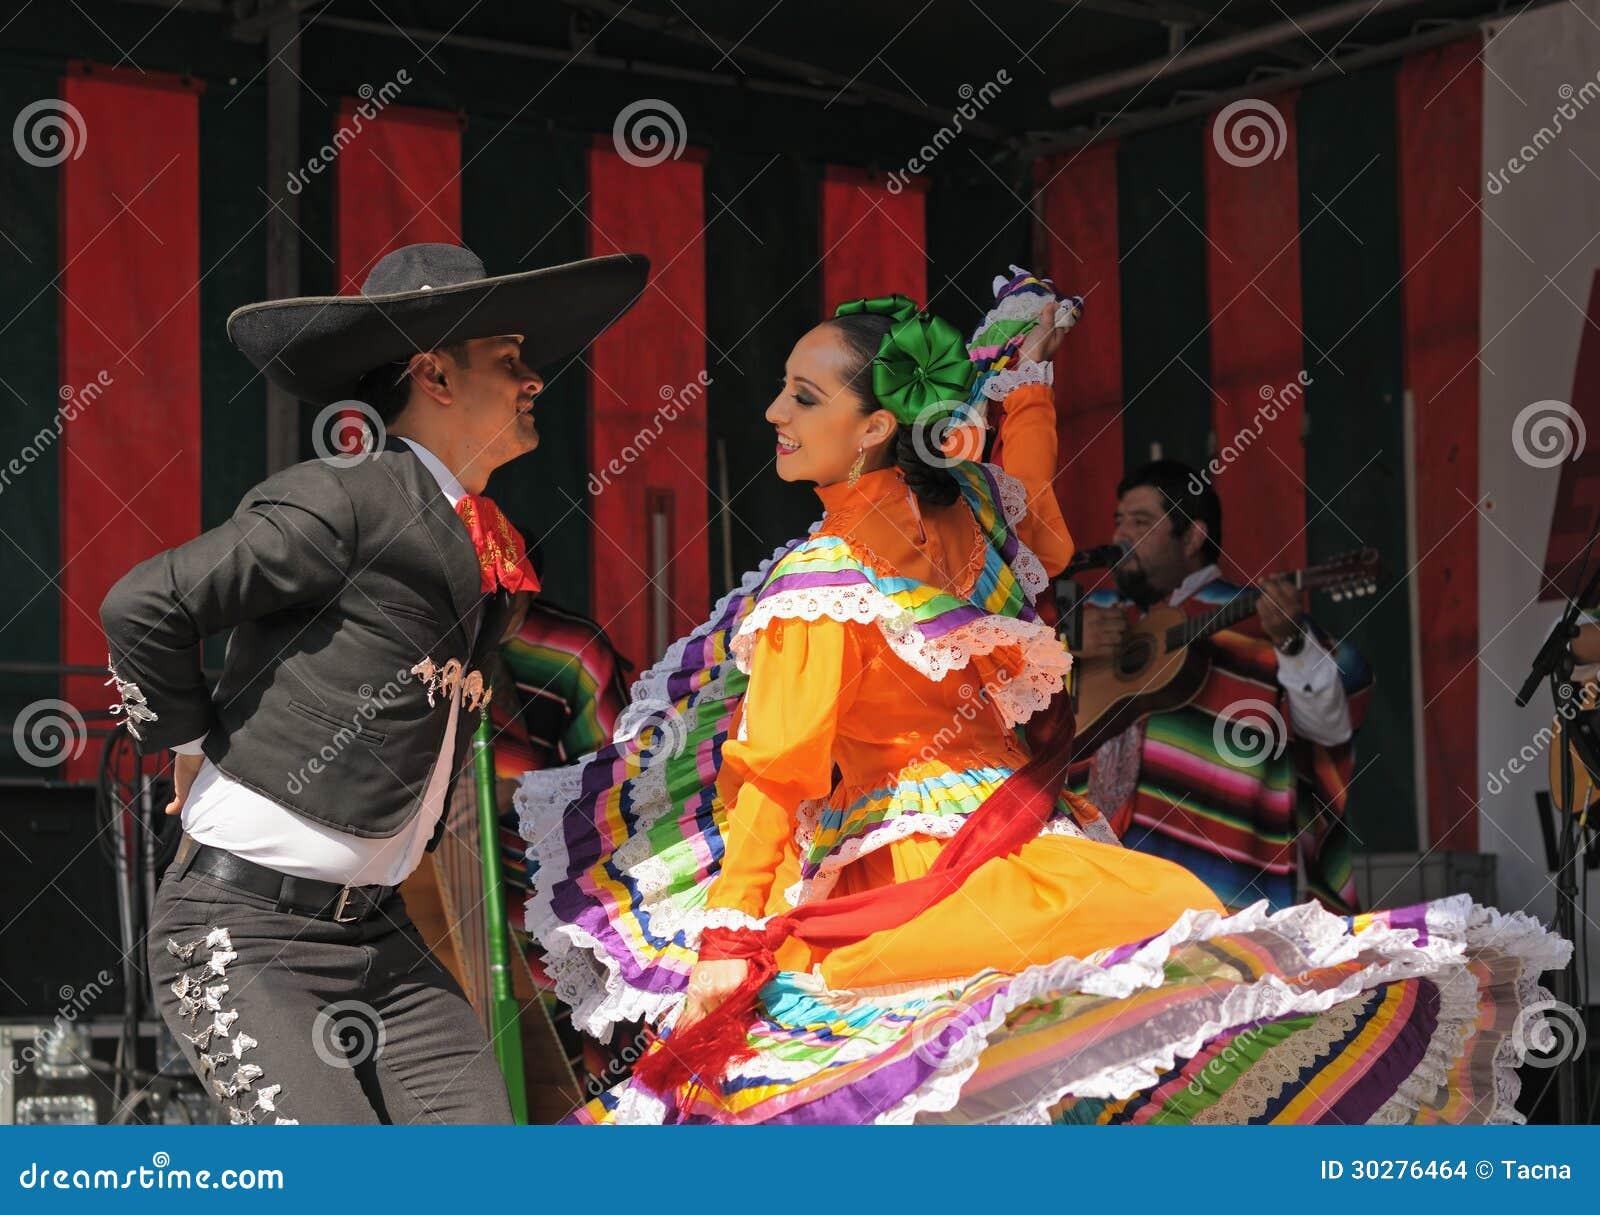 墨西哥民俗的芭蕾